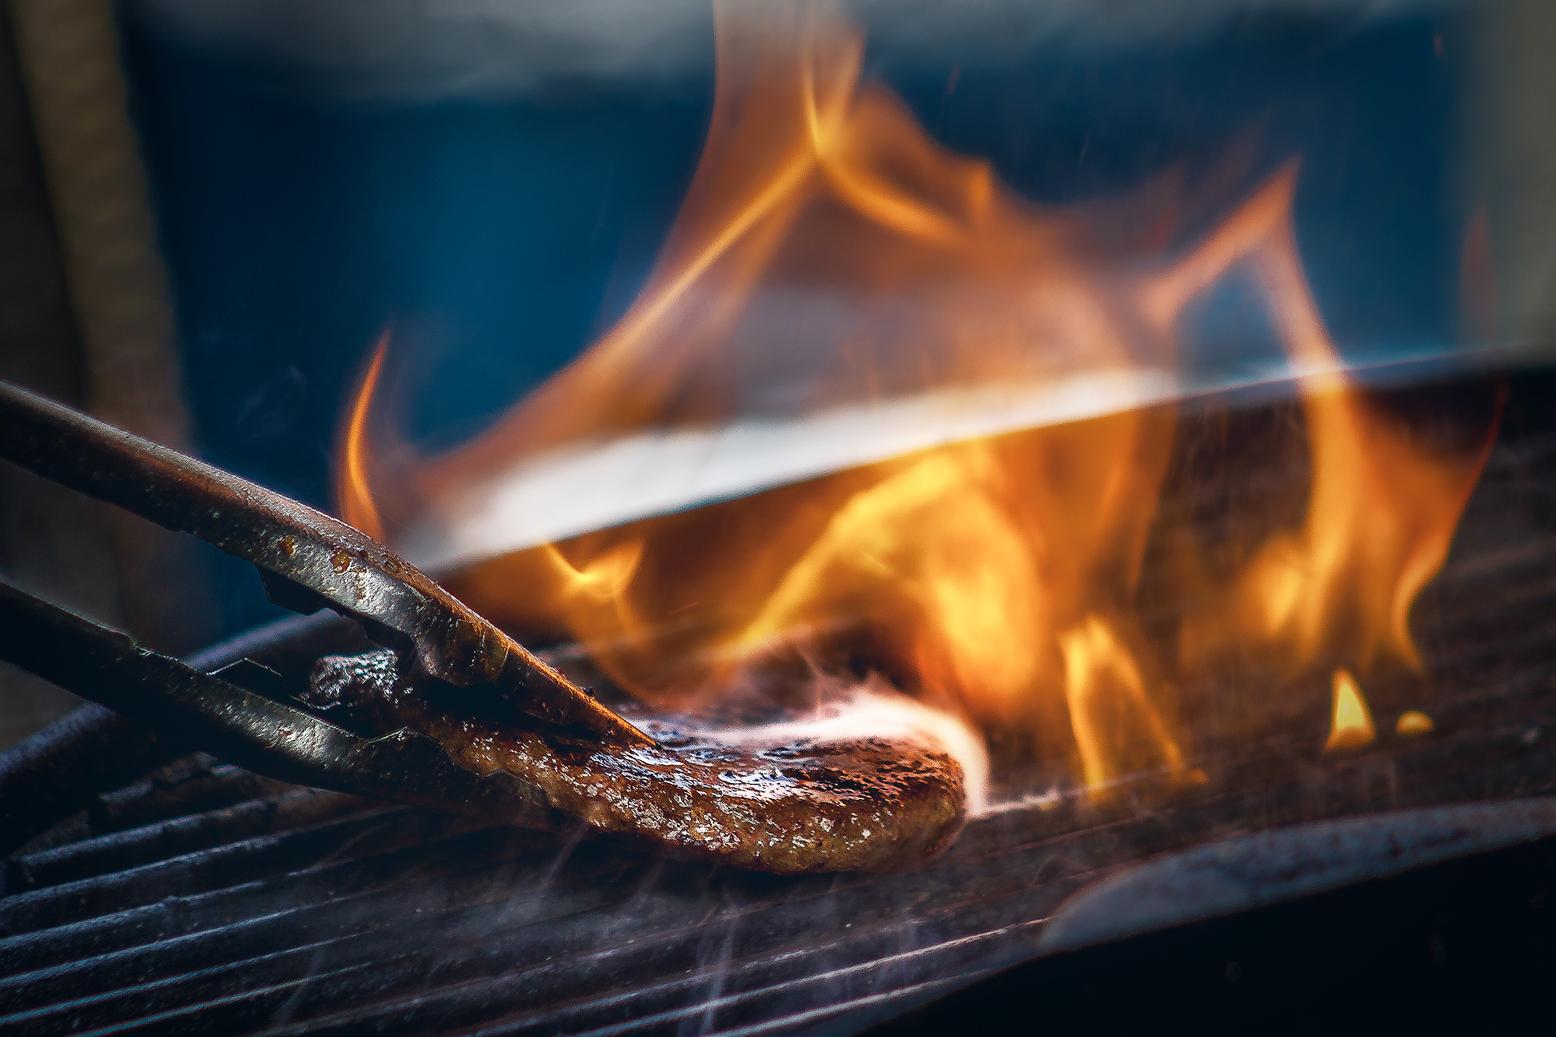 Als de zomer begint, is het tijd voor de barbecue - Daarbij horen natuurlijk ook heerlijke salades, bijgerechten en heerlijke sauzen.